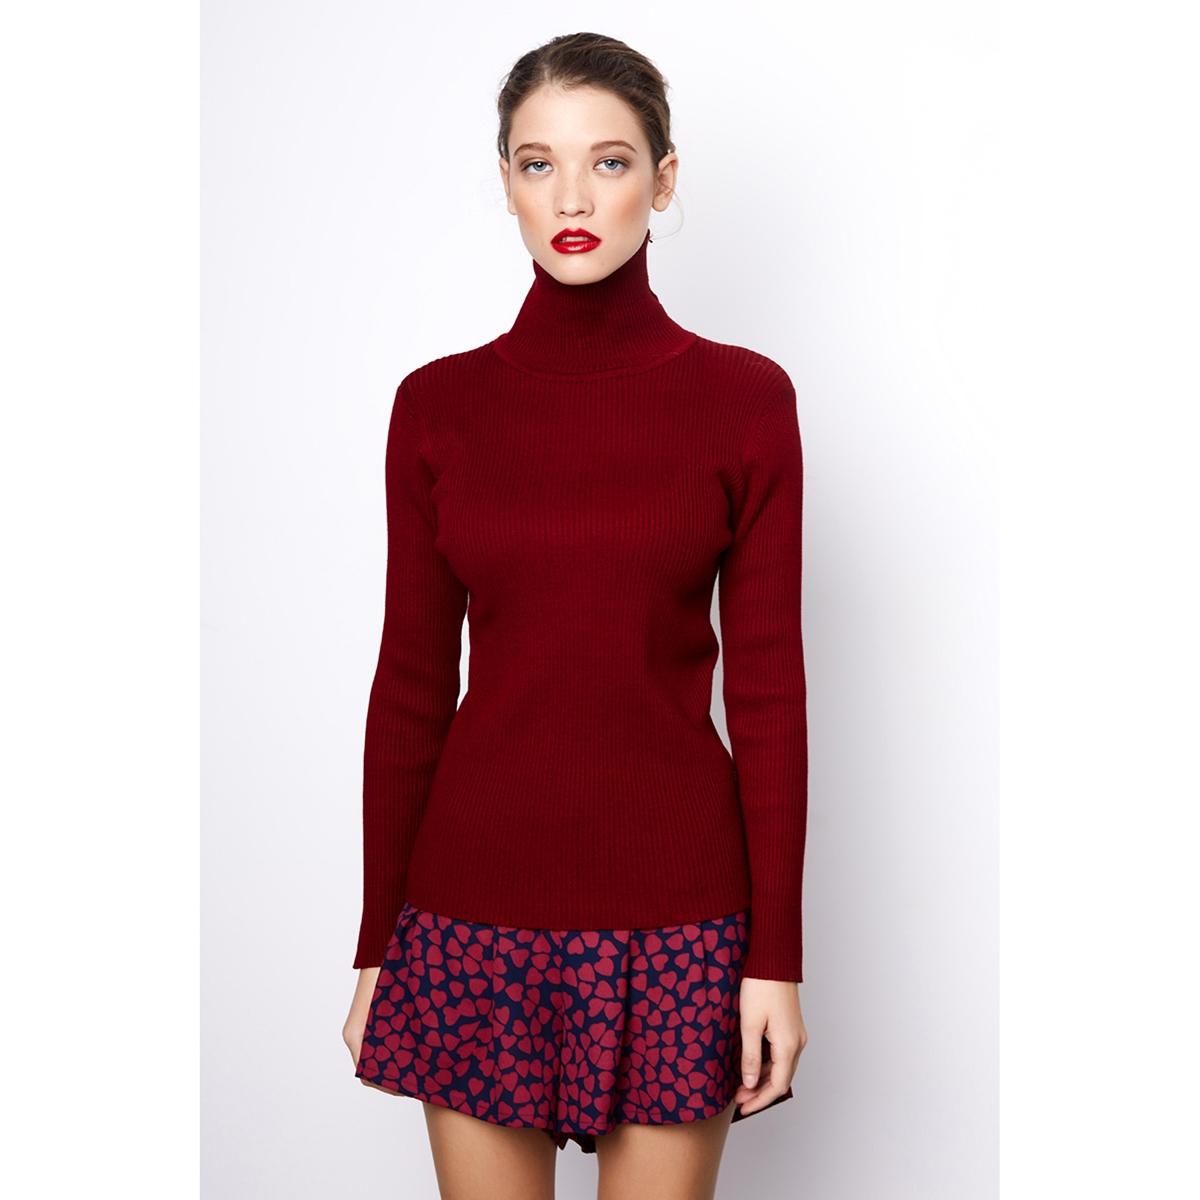 Платье-пуловер короткое расклешенное однотонное с длинными рукавамиОписание:Детали •  Форма : расклешенная •  Укороченная модель •  Длинные рукава    •  Воротник с отворотомСостав и уход •  50% хлопка, 50% полиэстера   •  Следуйте рекомендациям по уходу, указанным на этикетке изделия<br><br>Цвет: бордовый<br>Размер: S